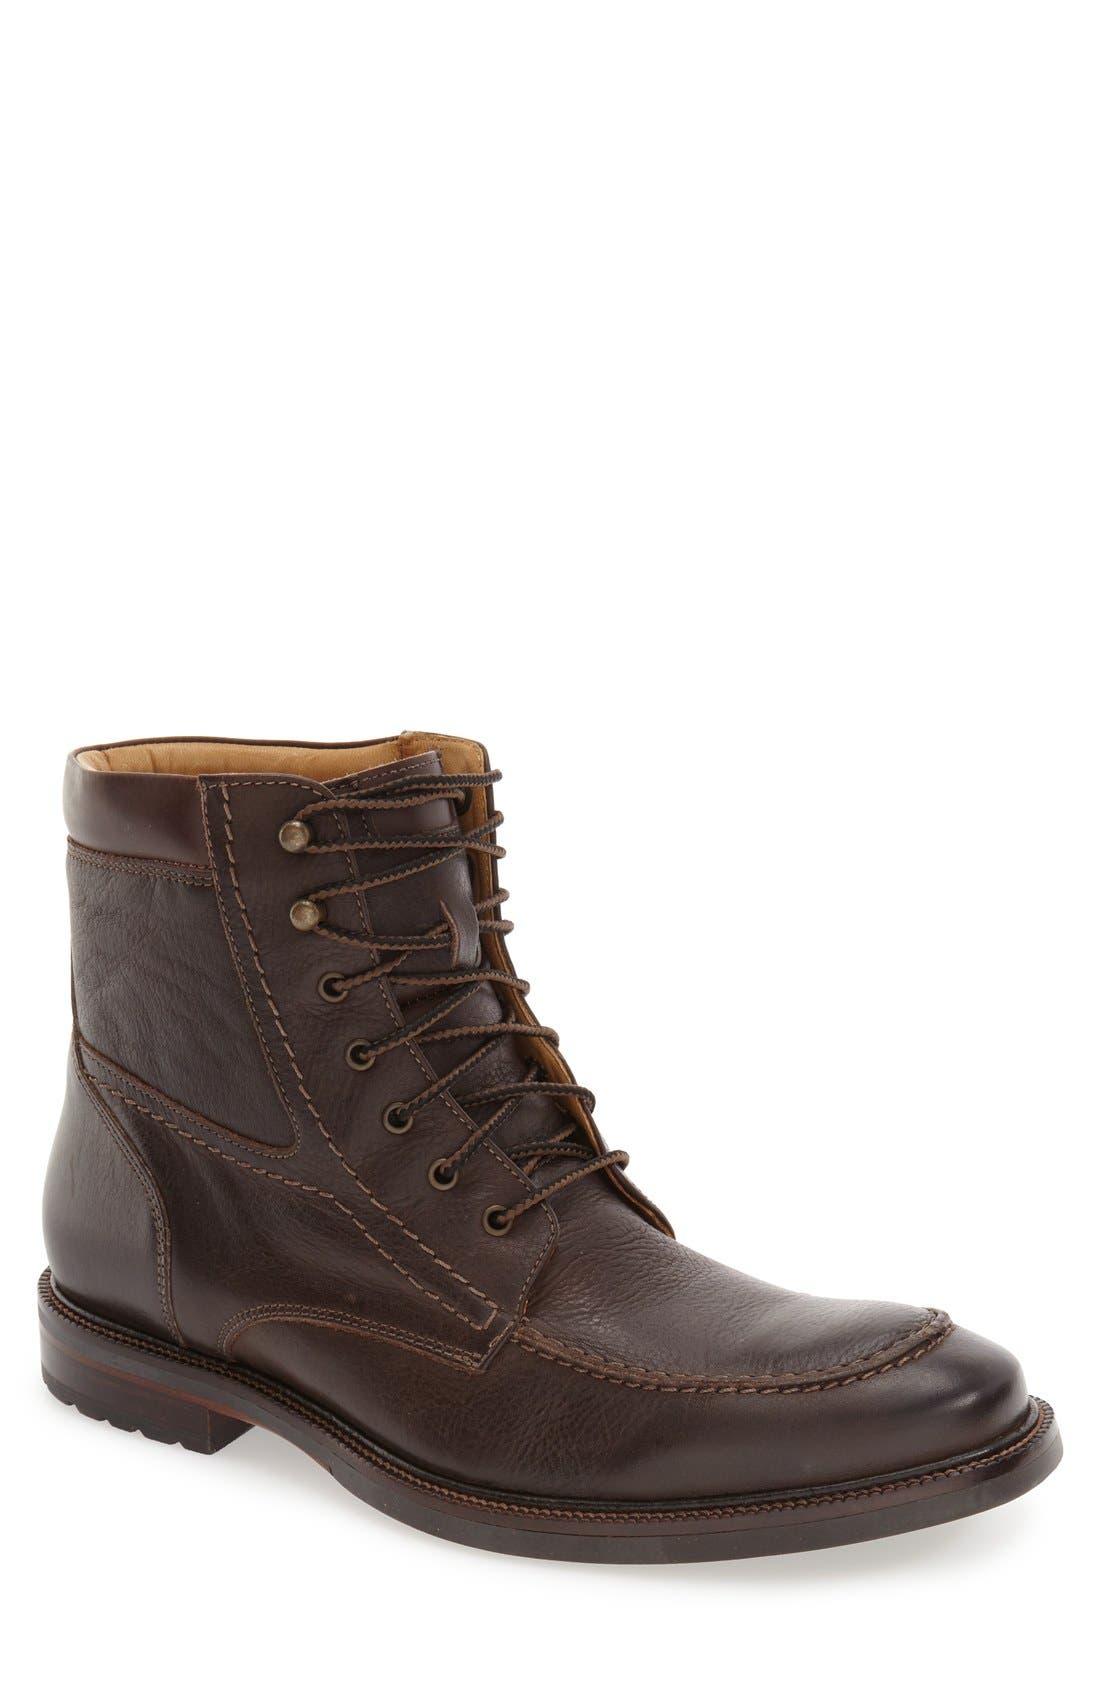 'Baird' Moc Toe Boot,                             Main thumbnail 1, color,                             Brown